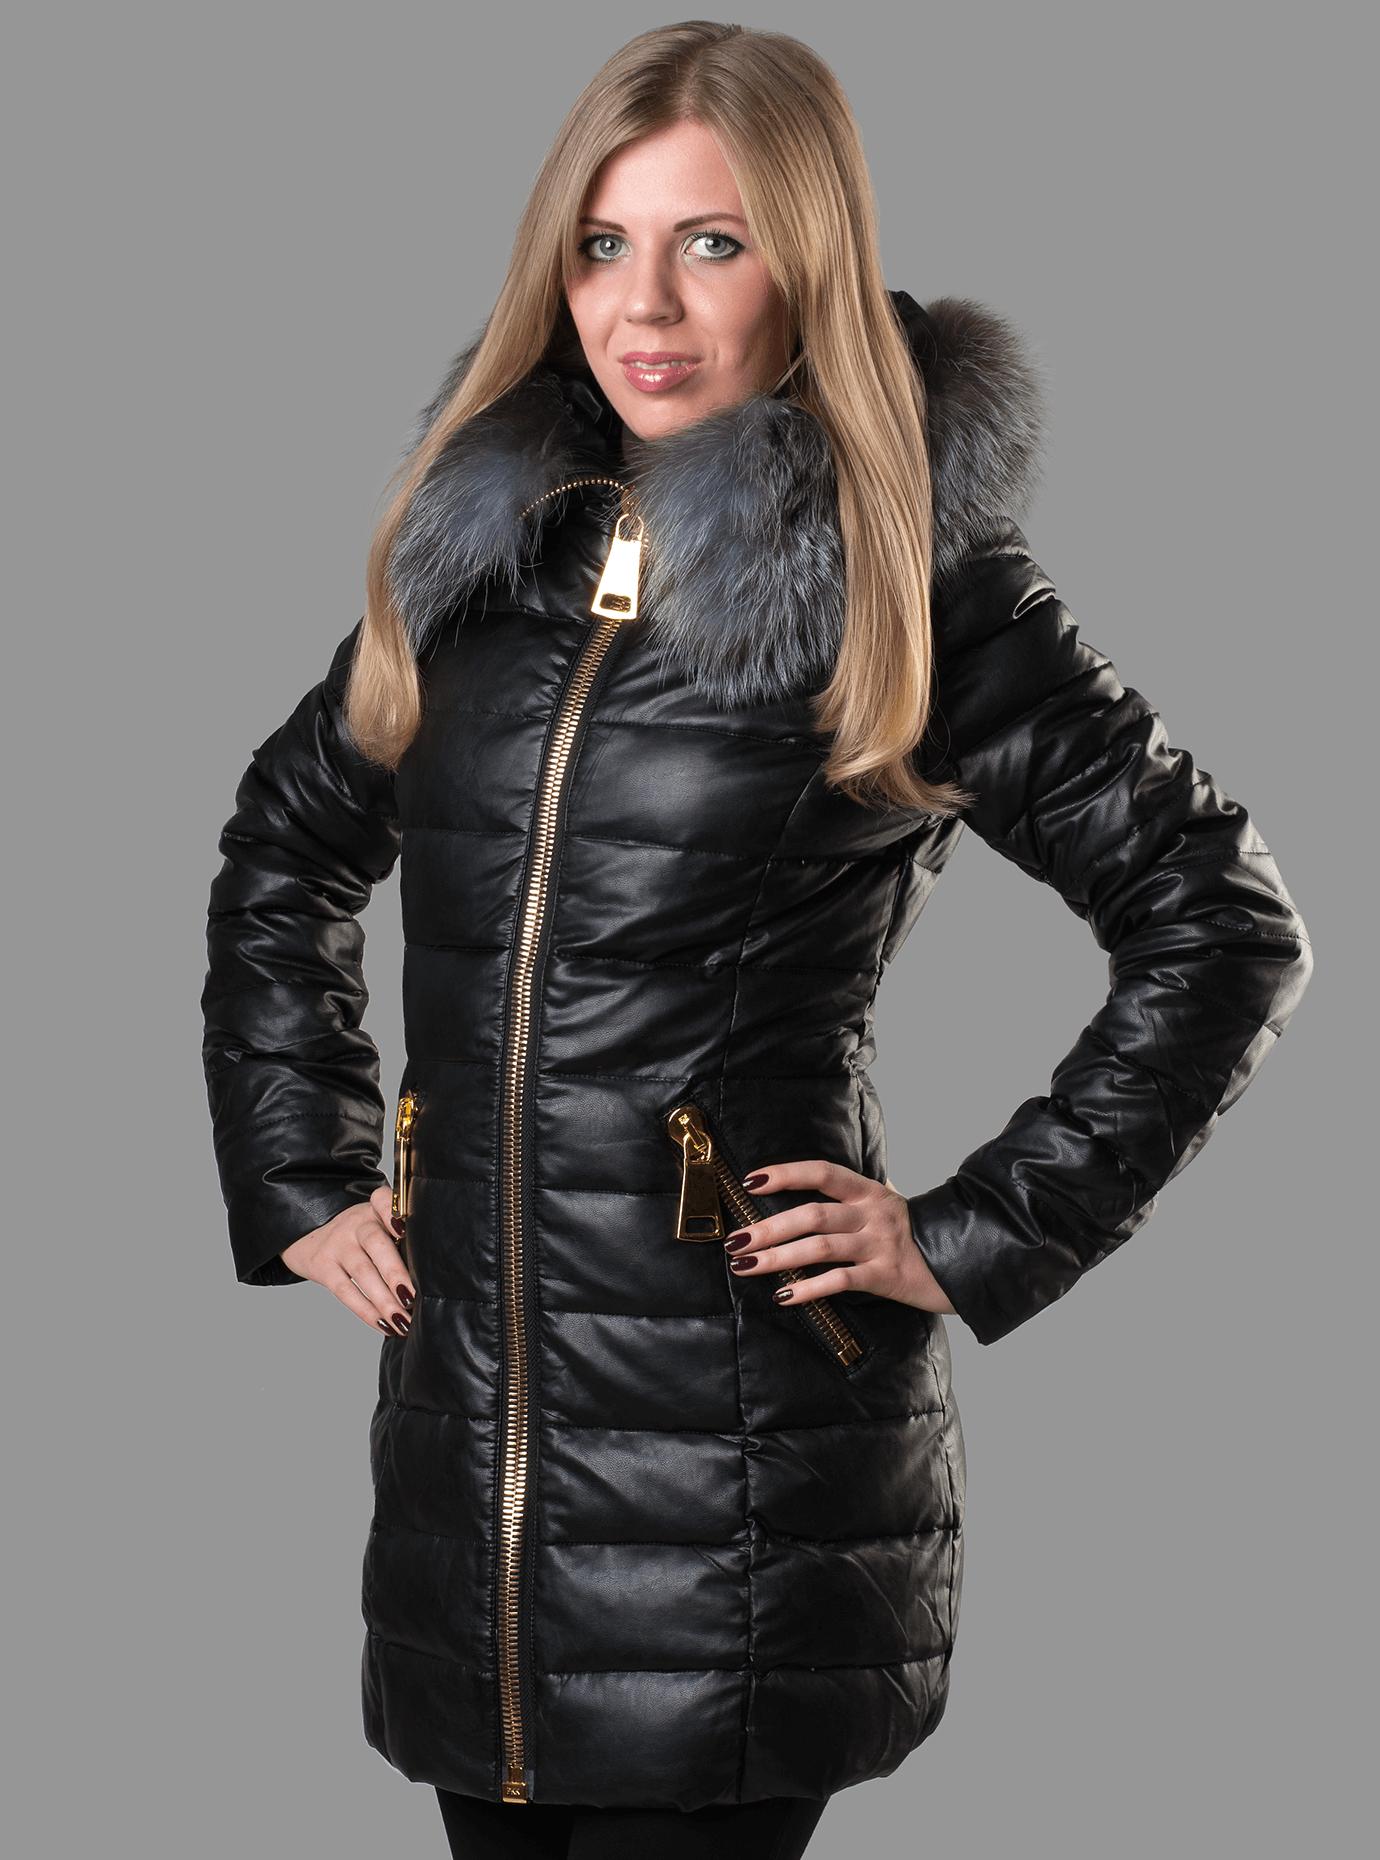 Пуховик зимний женский Чёрный S (01-RR16019): фото - Alster.ua